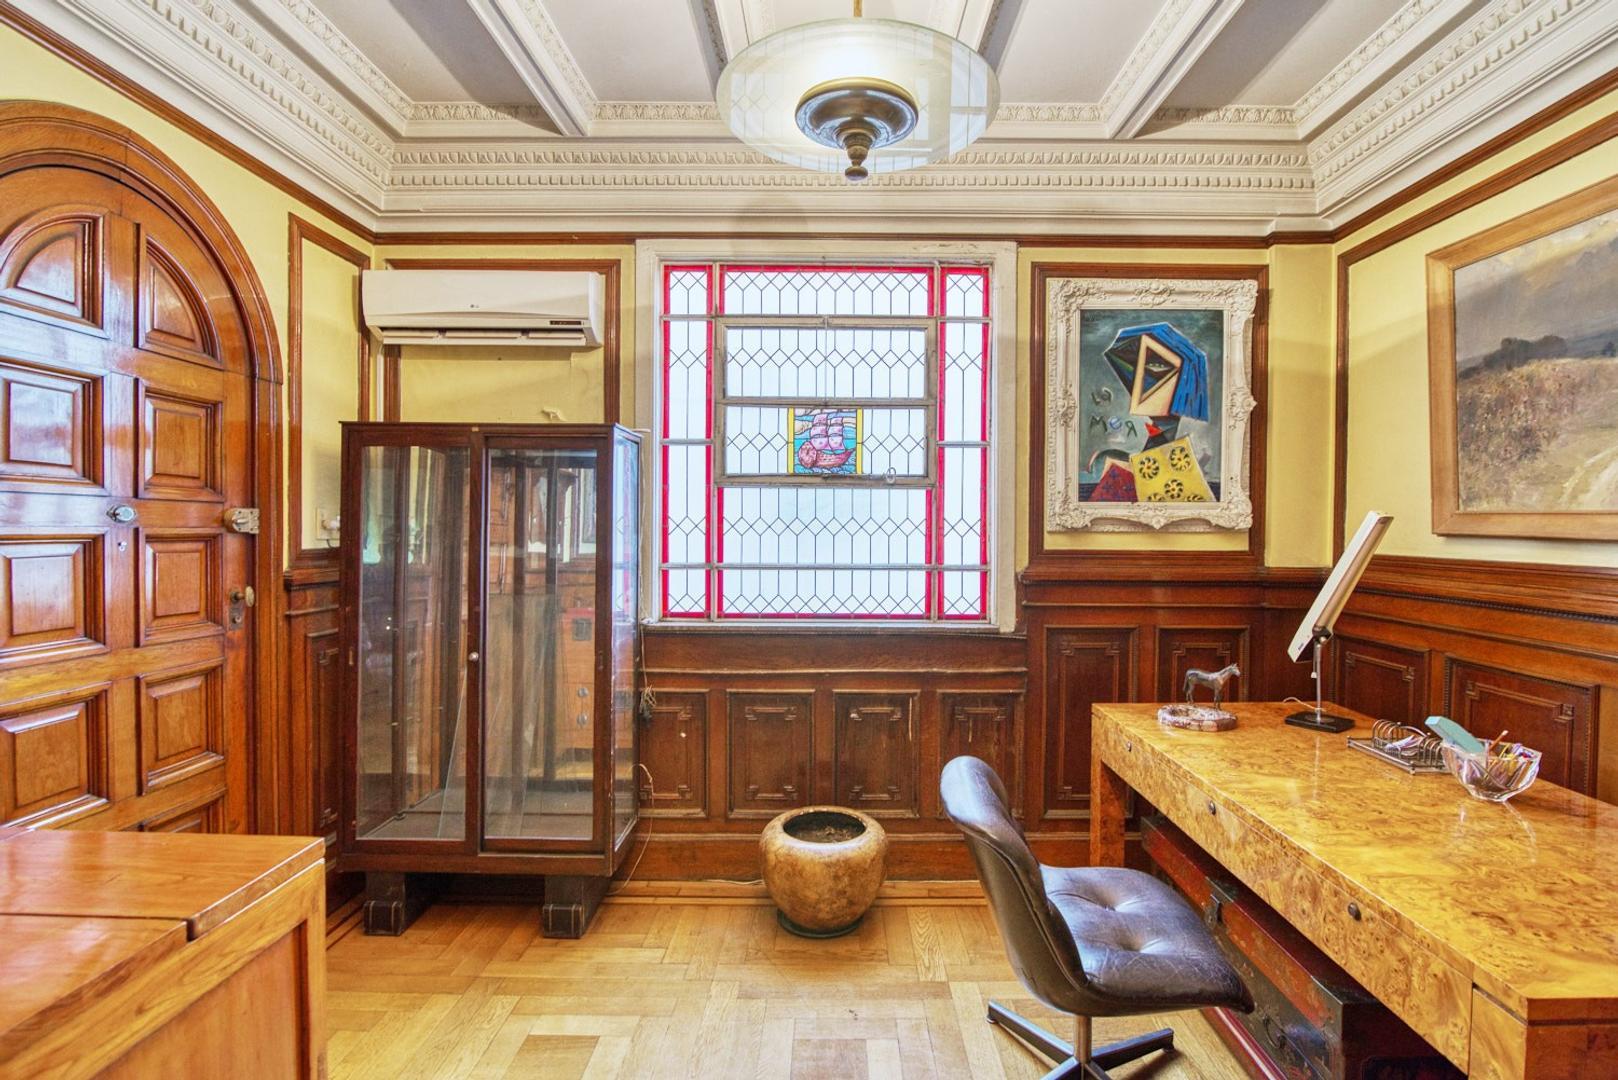 Departamento - 166 m² | 2 dormitorios | Frente